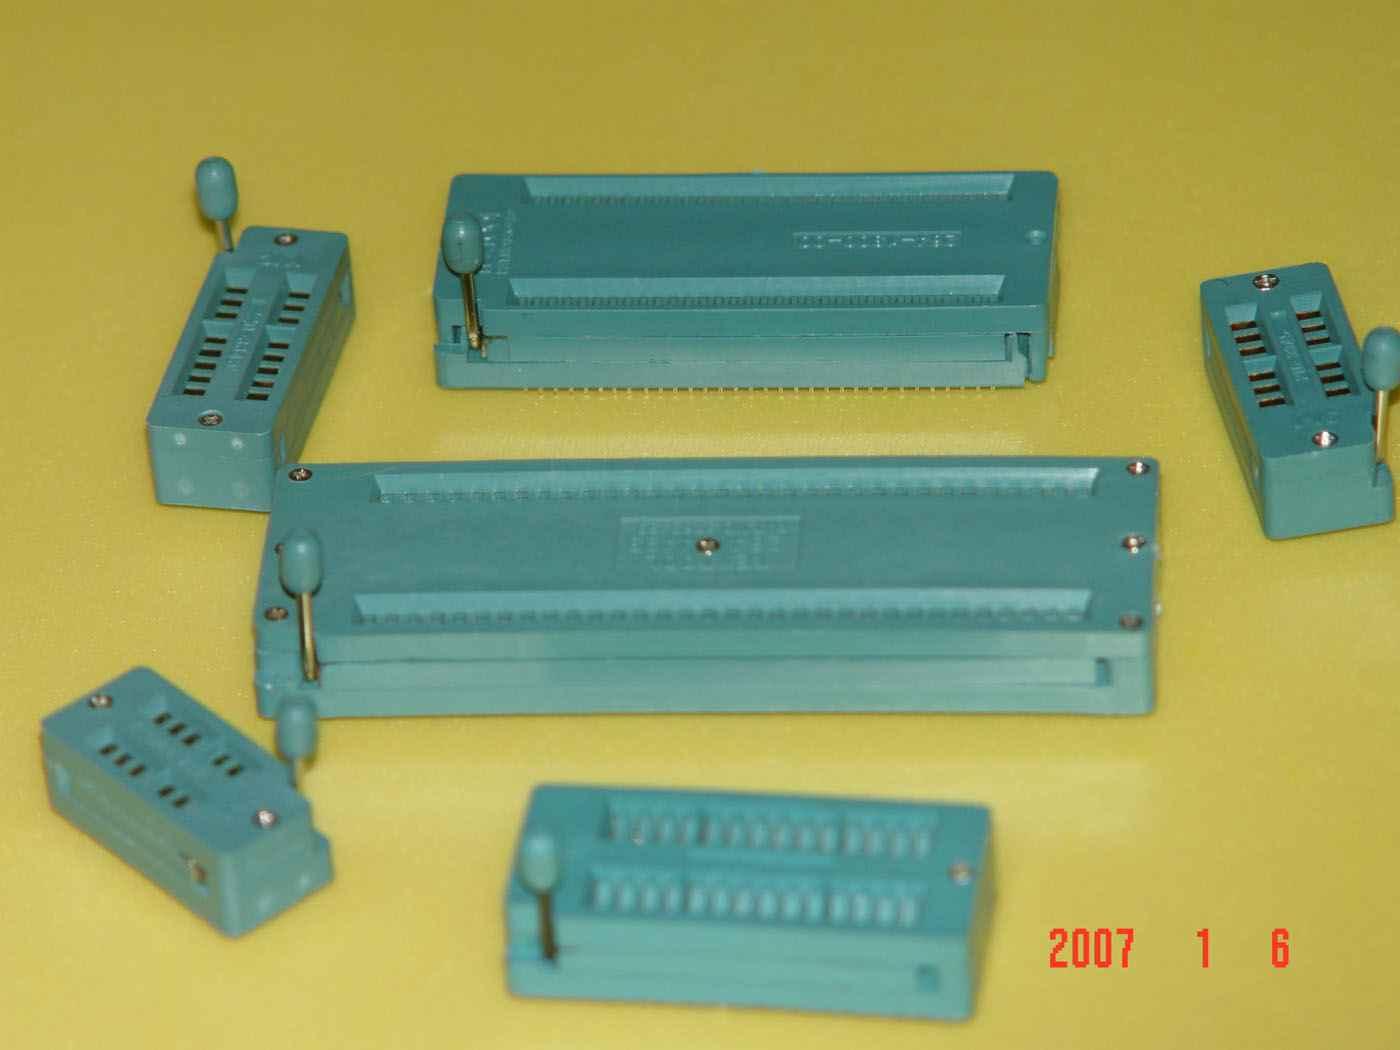 总线/锁紧/CY401/SYD/PC104 第17张